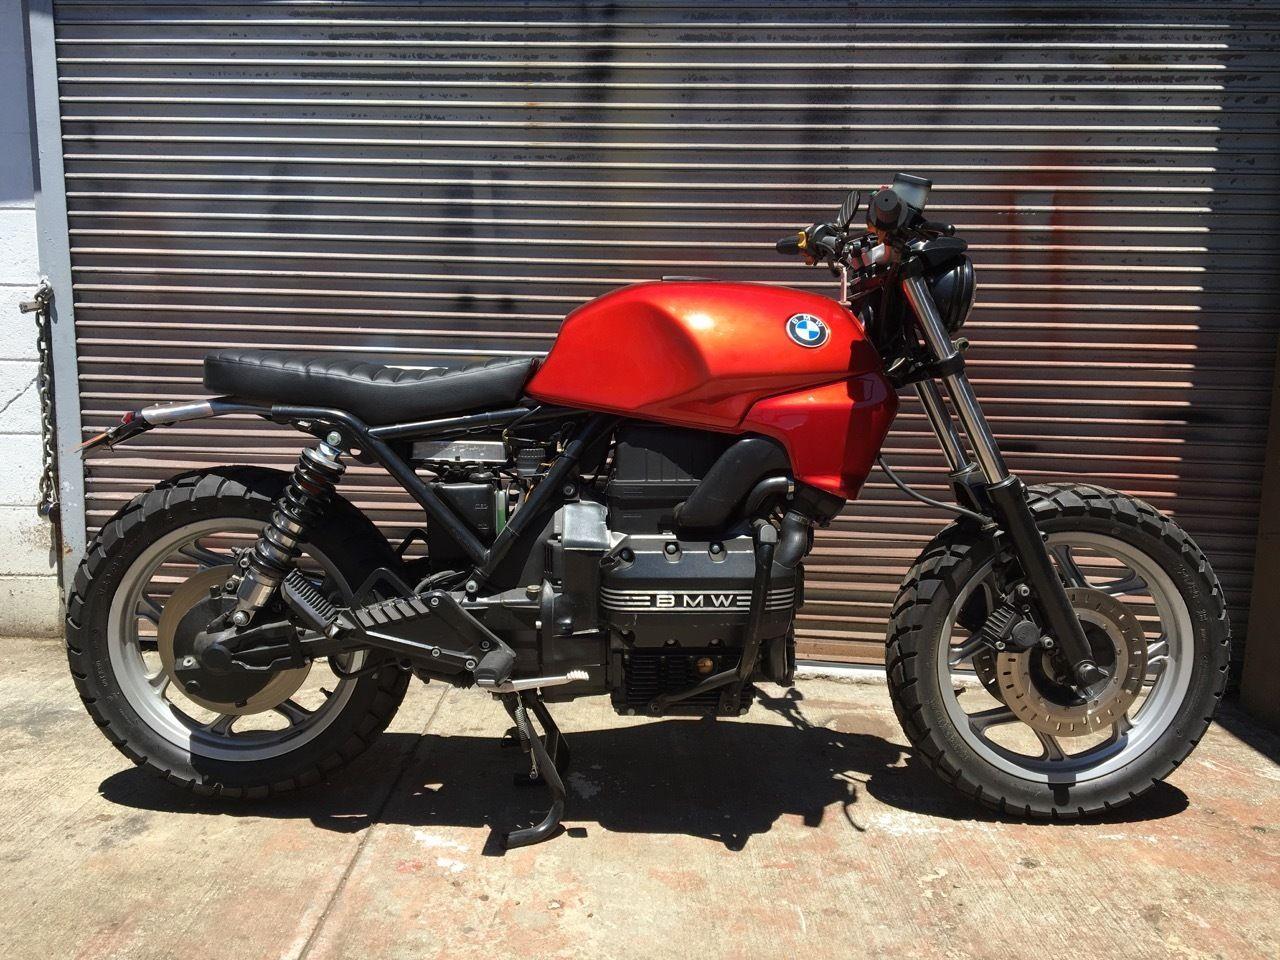 1992 bmw k75